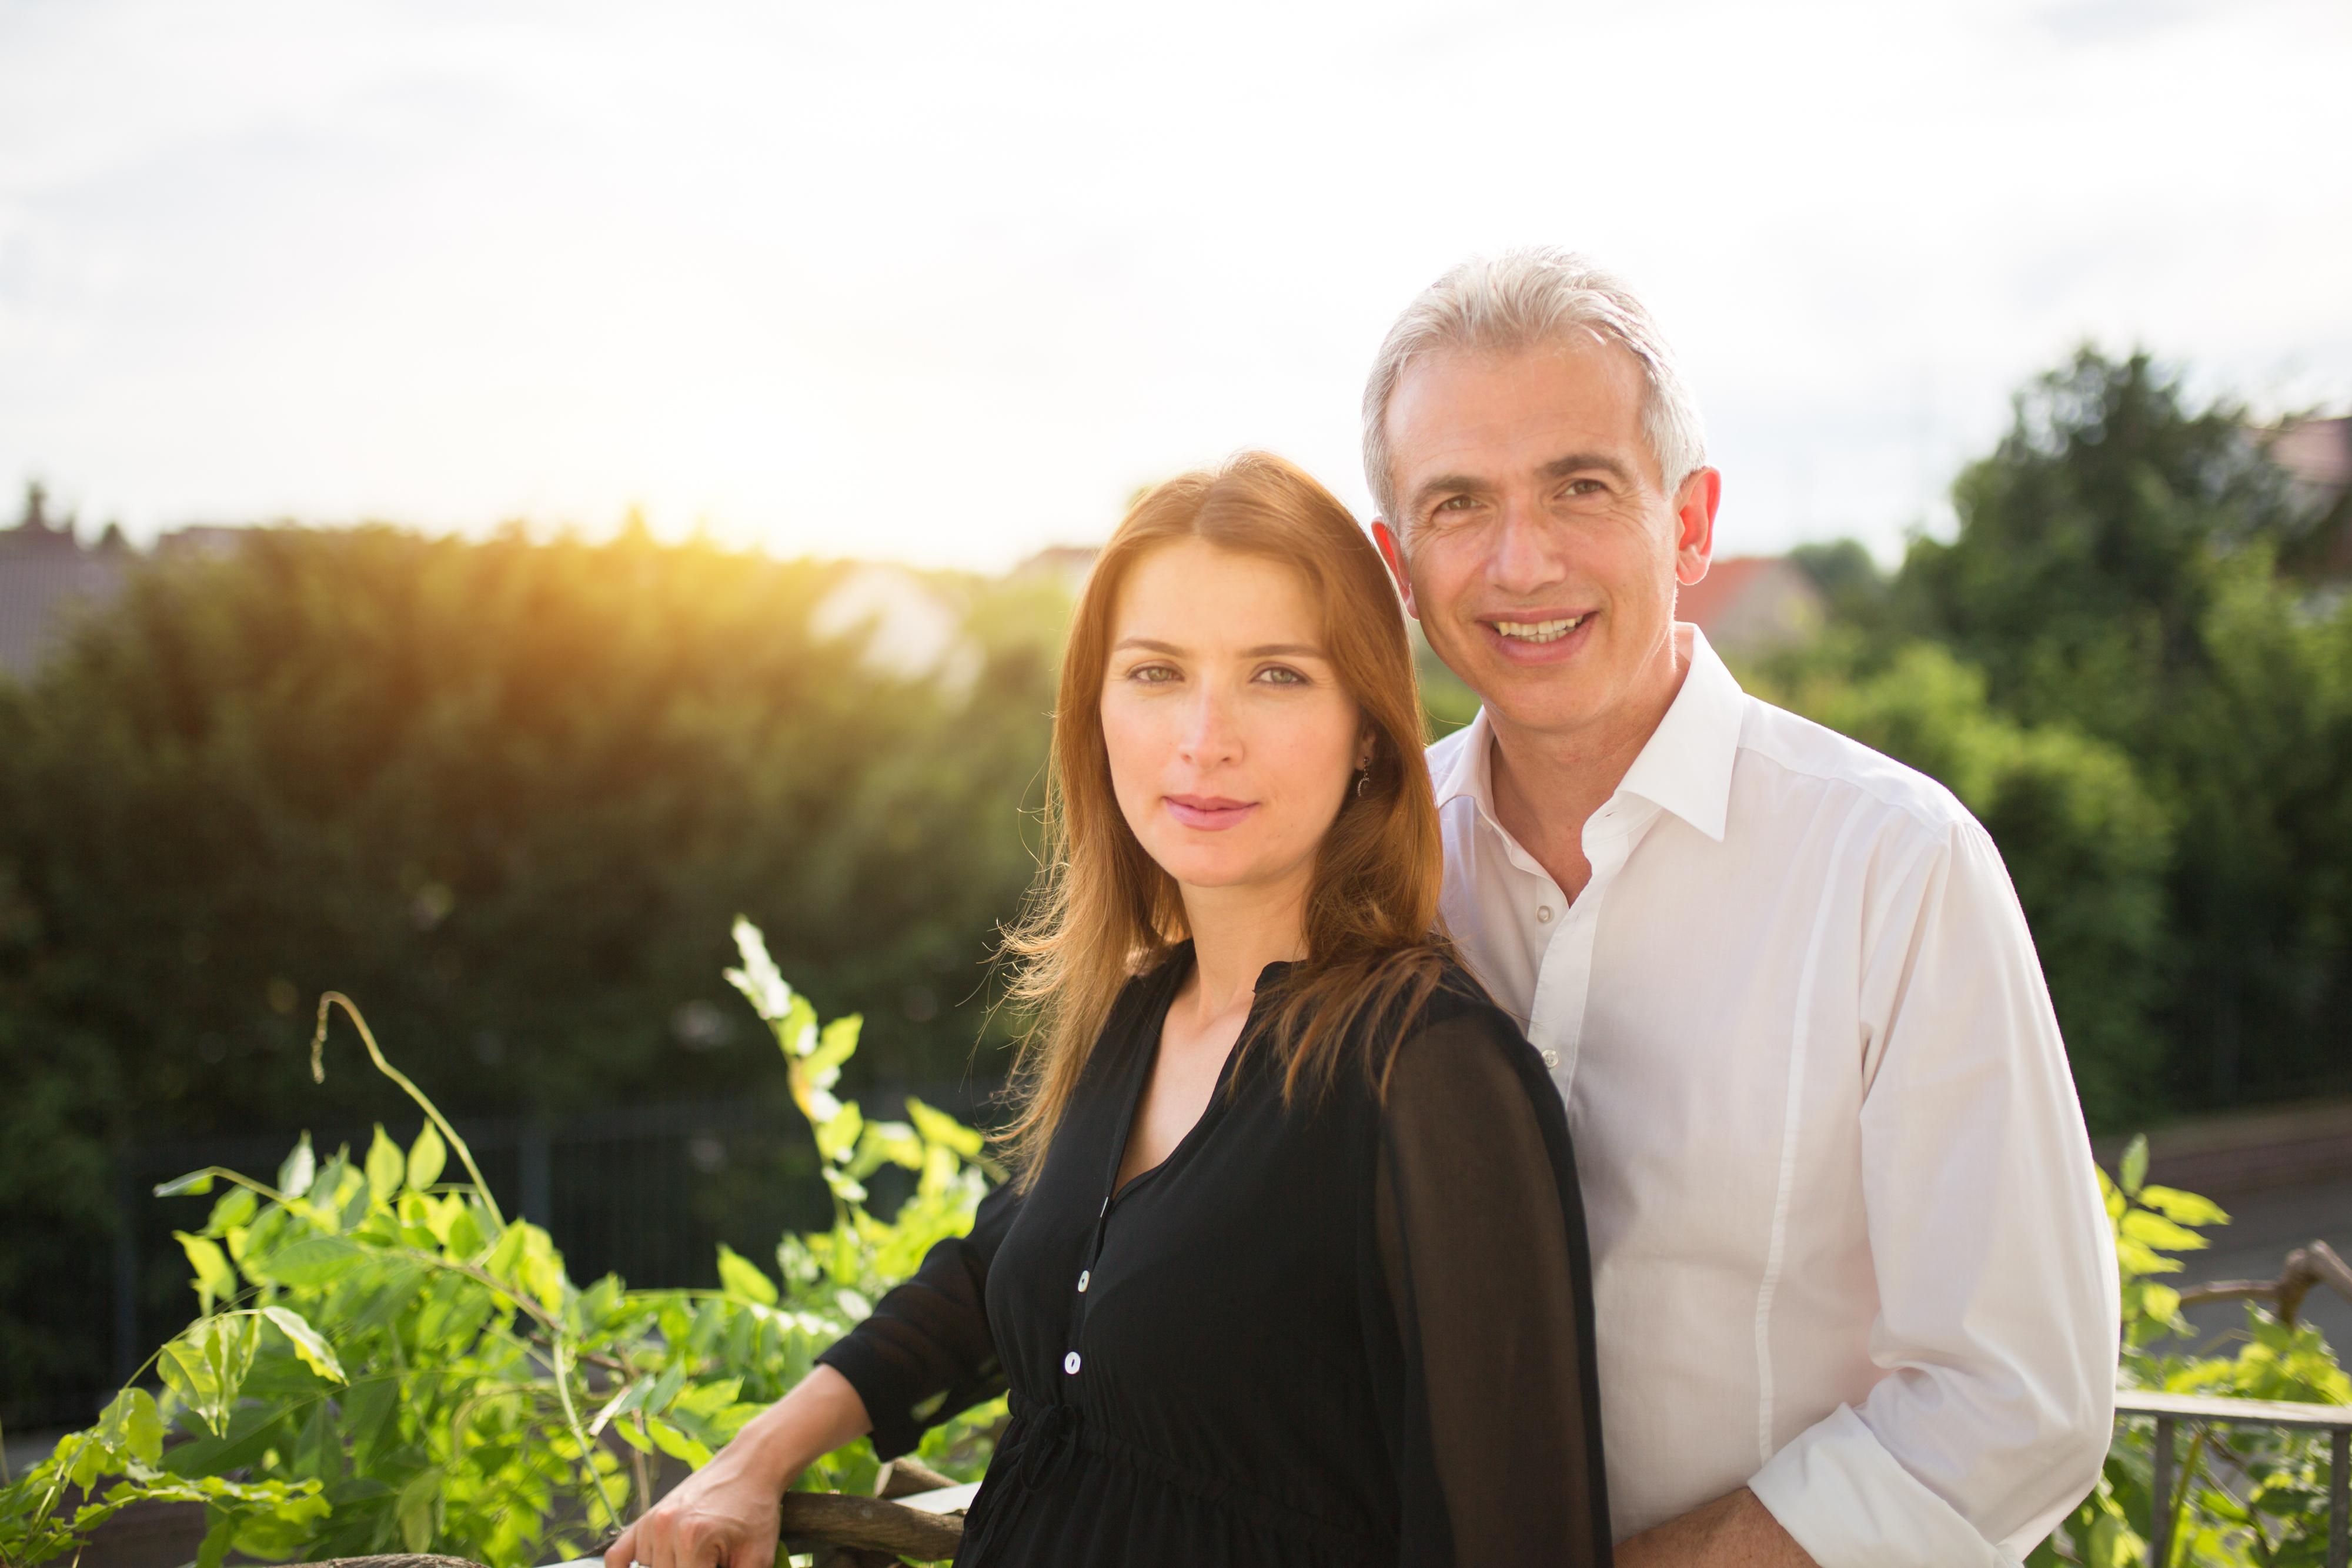 Familien Fotos Peter & Zübeyde